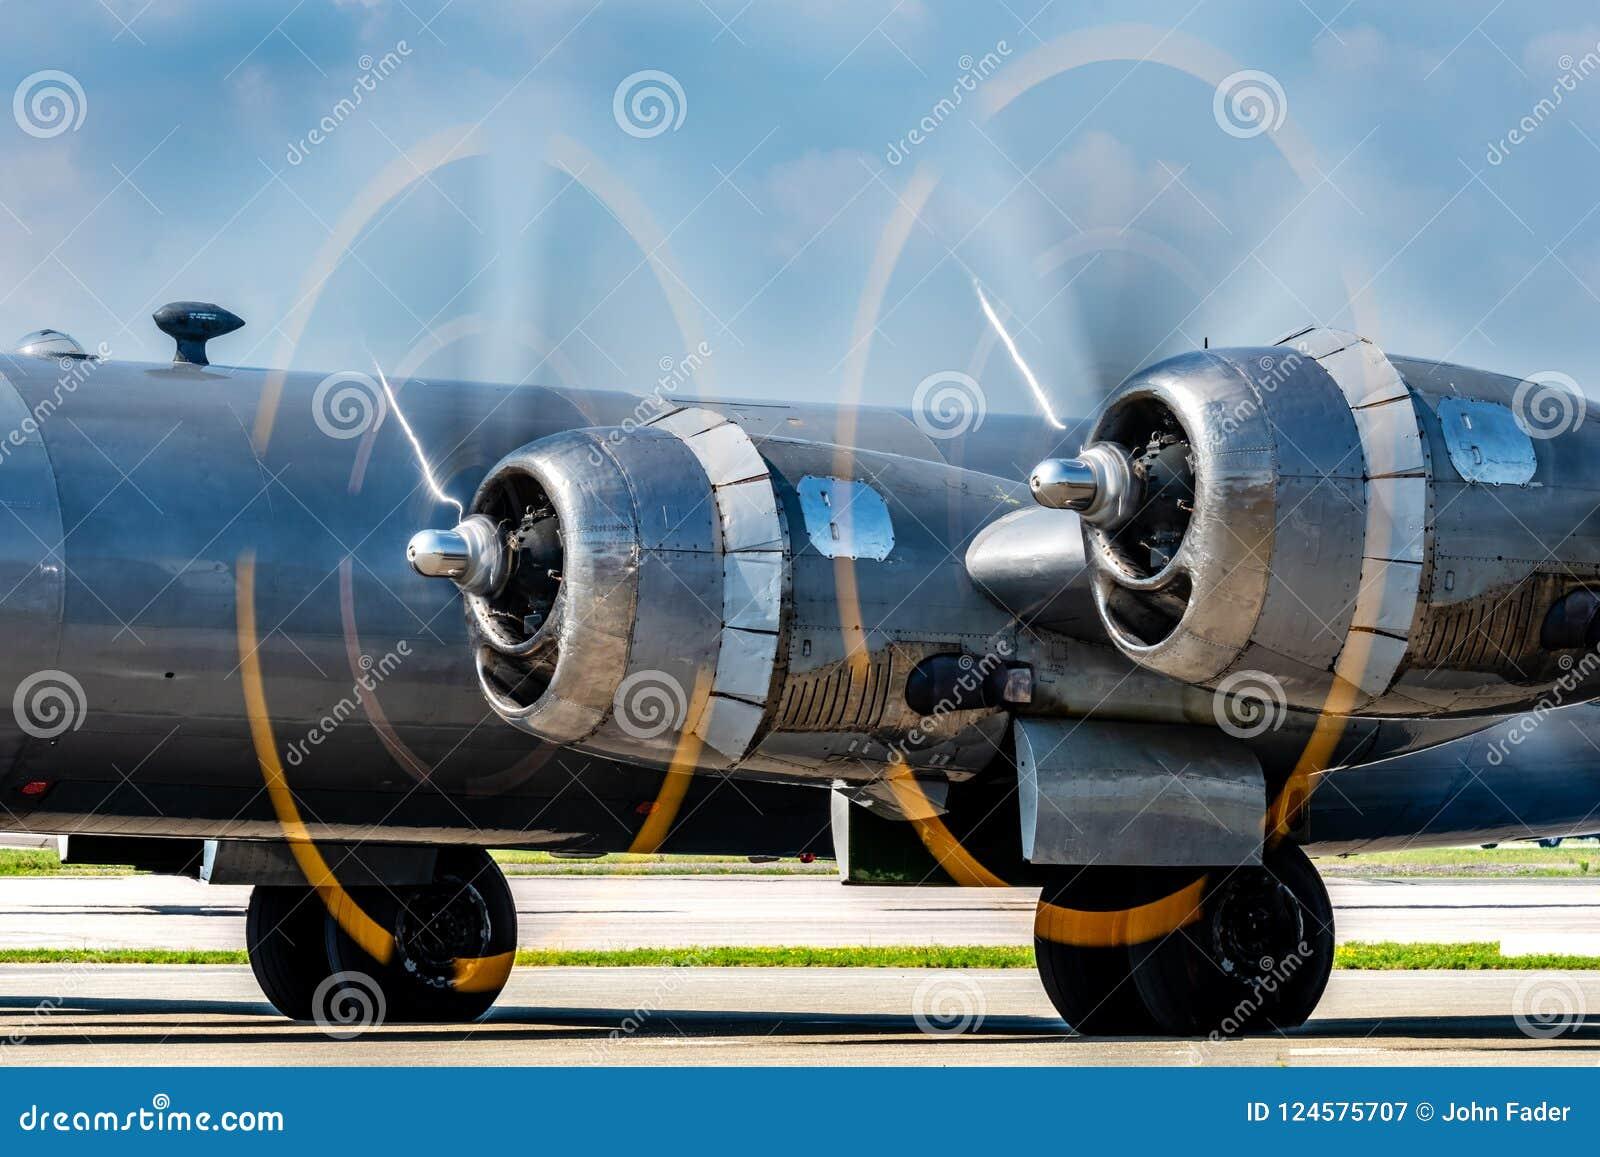 Rocznika samolotu wojskowego śmigła wiruje szybko